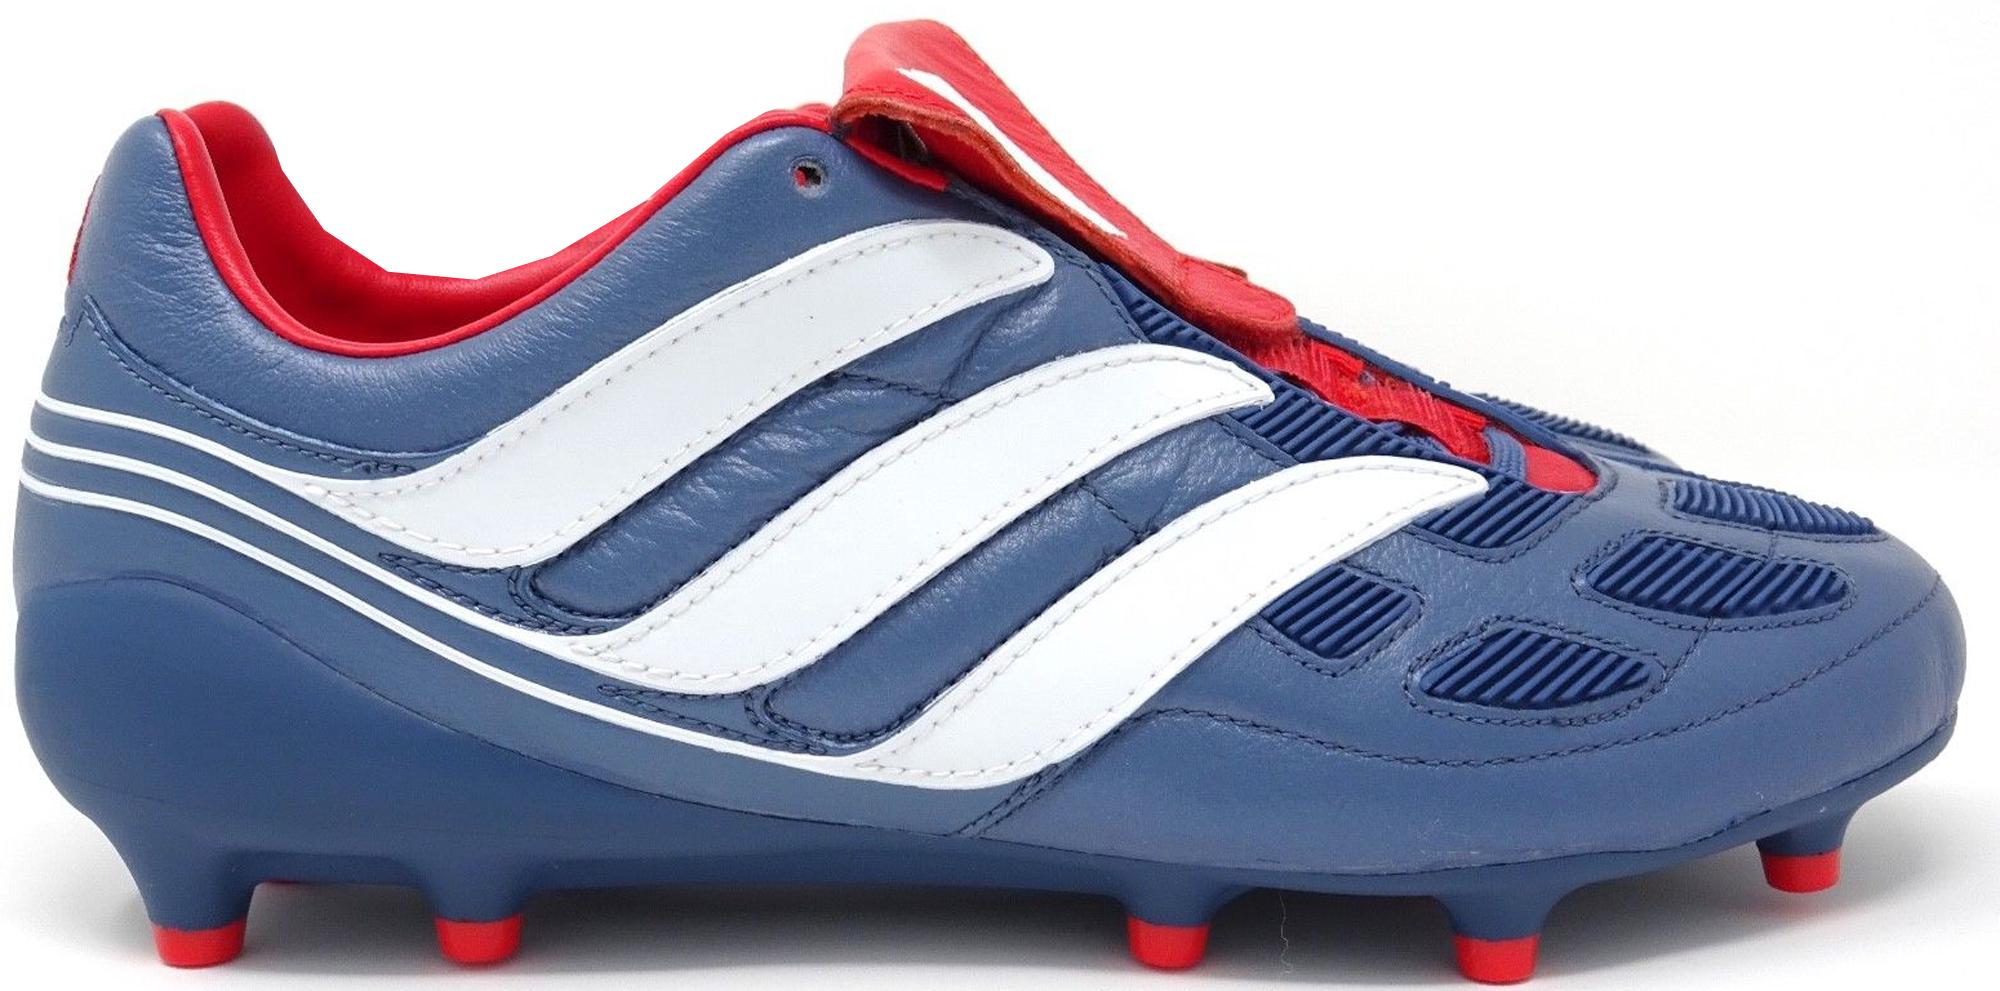 adidas Predator Precision FG Blue Grey